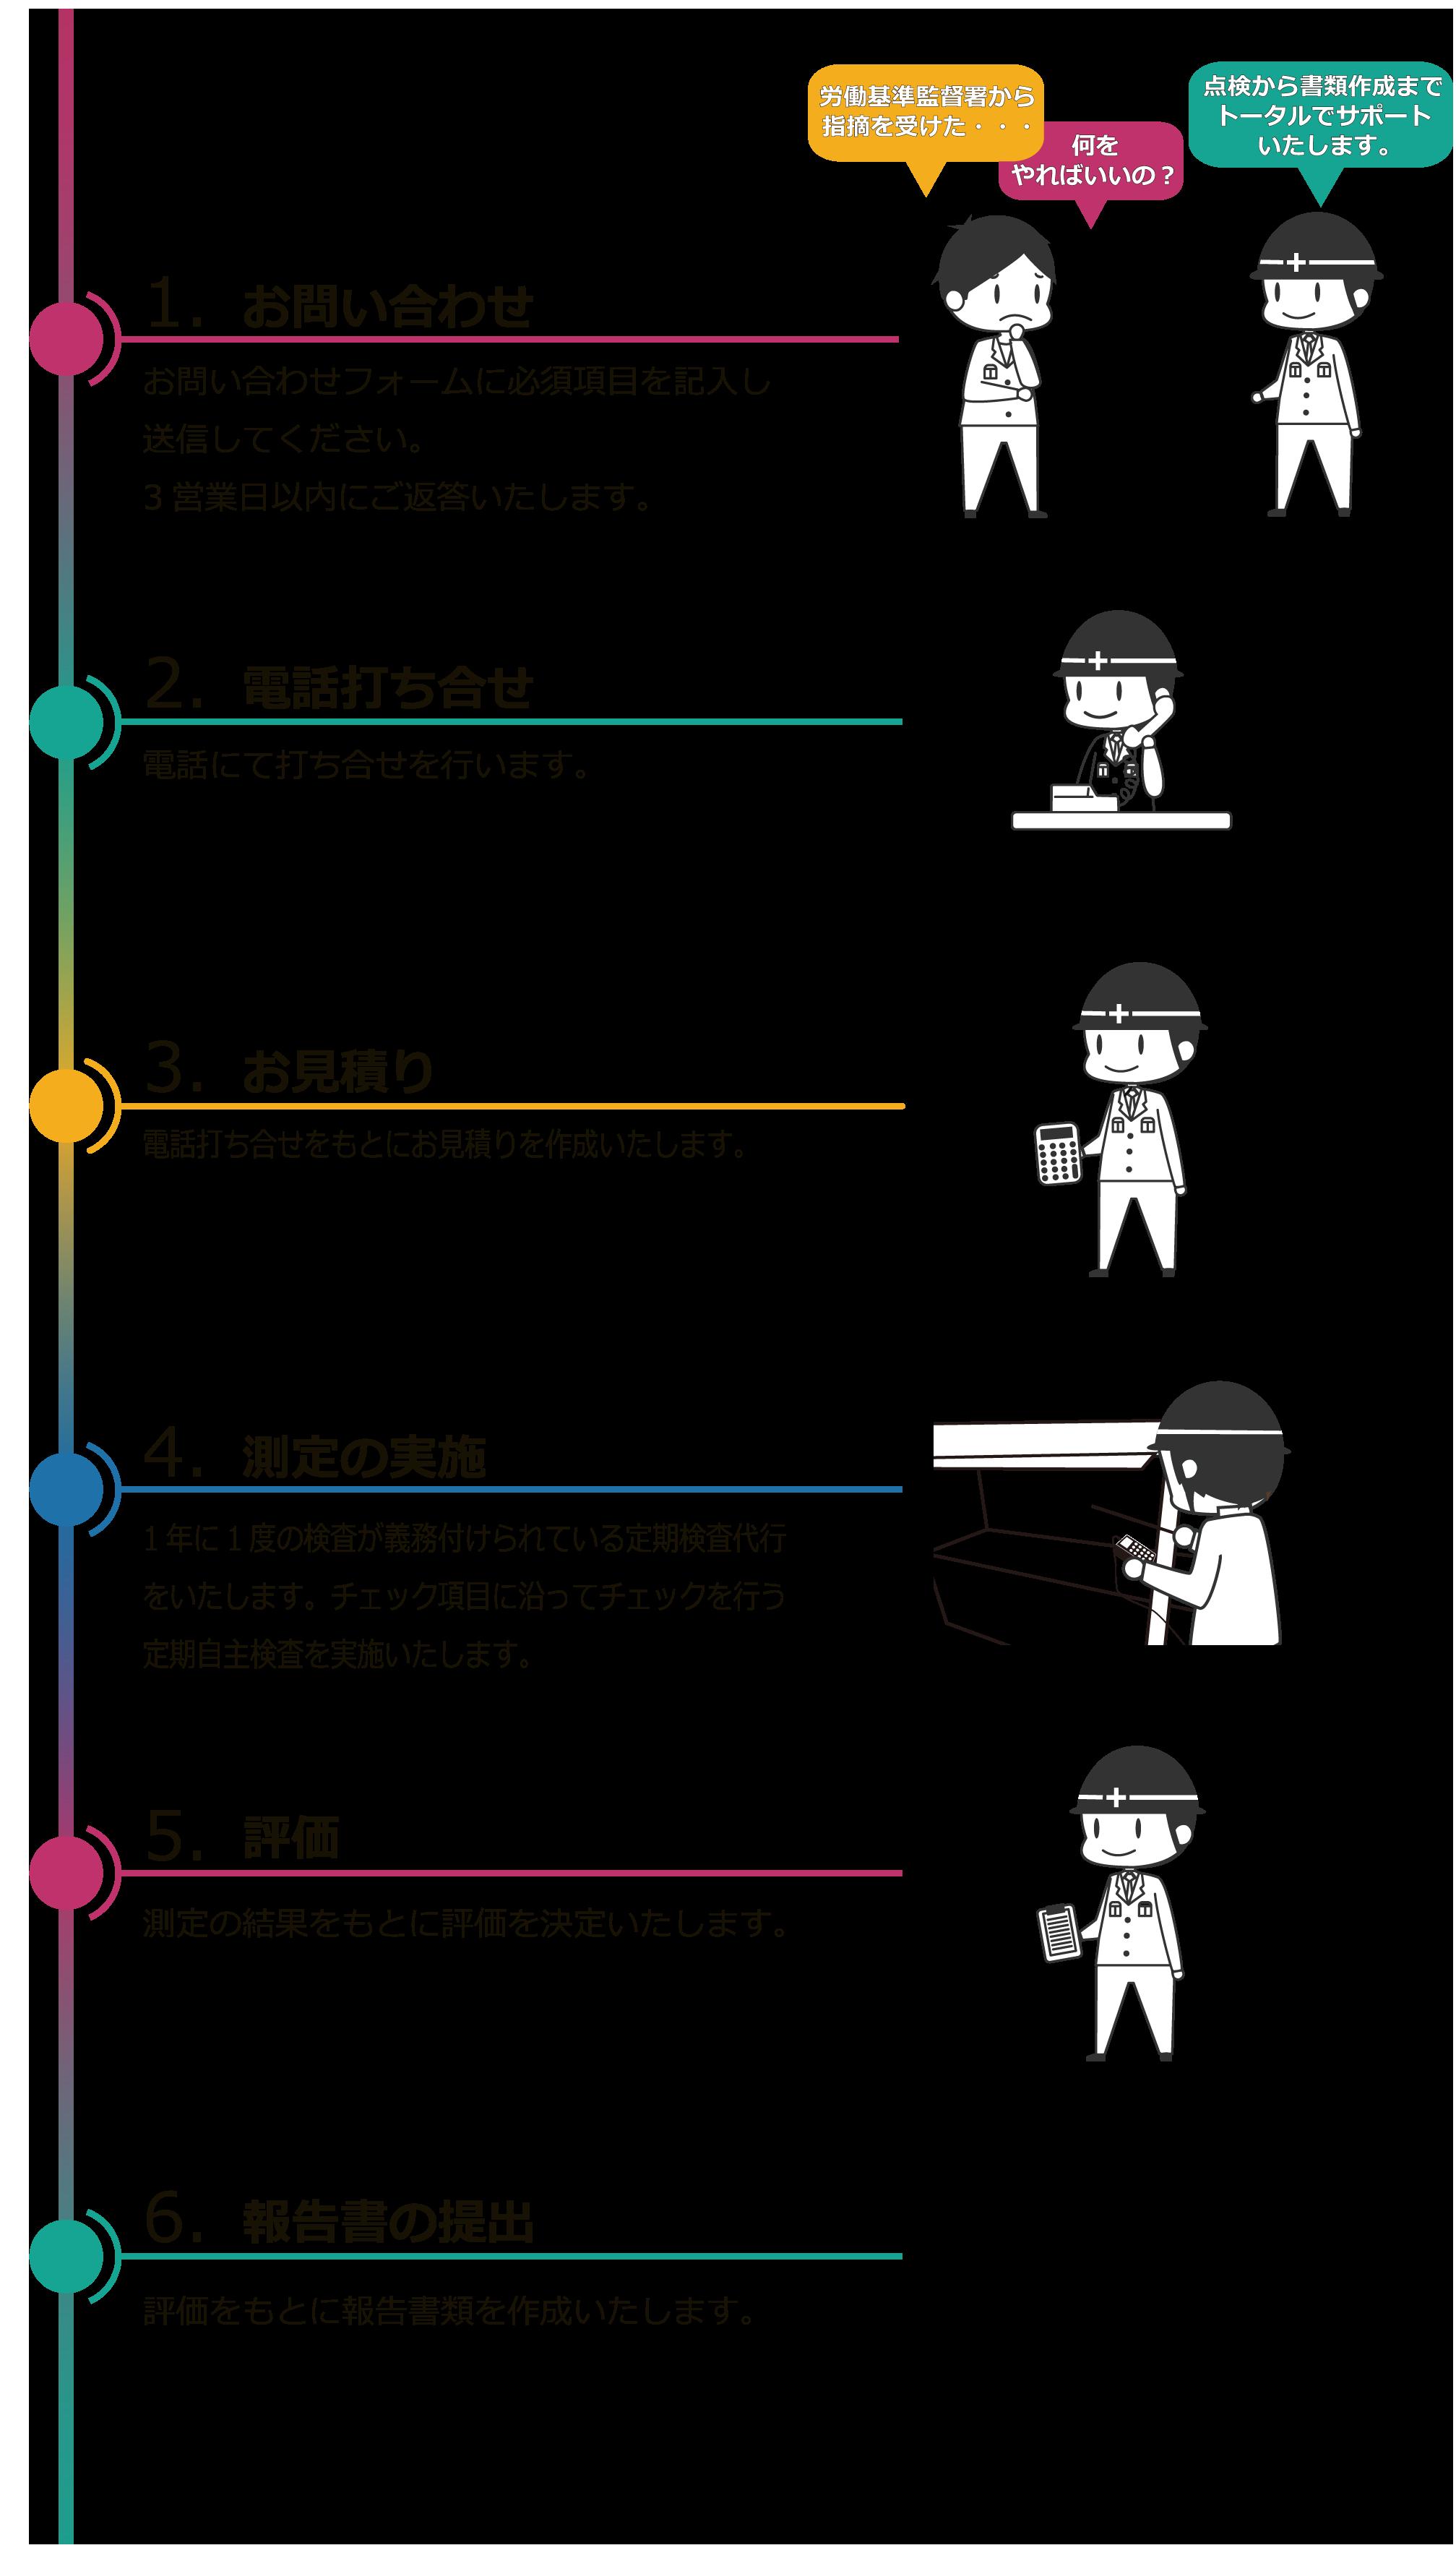 お問い合わせ→電話打ち合せ→お見積り→測定の実施→評価→報告書の提出